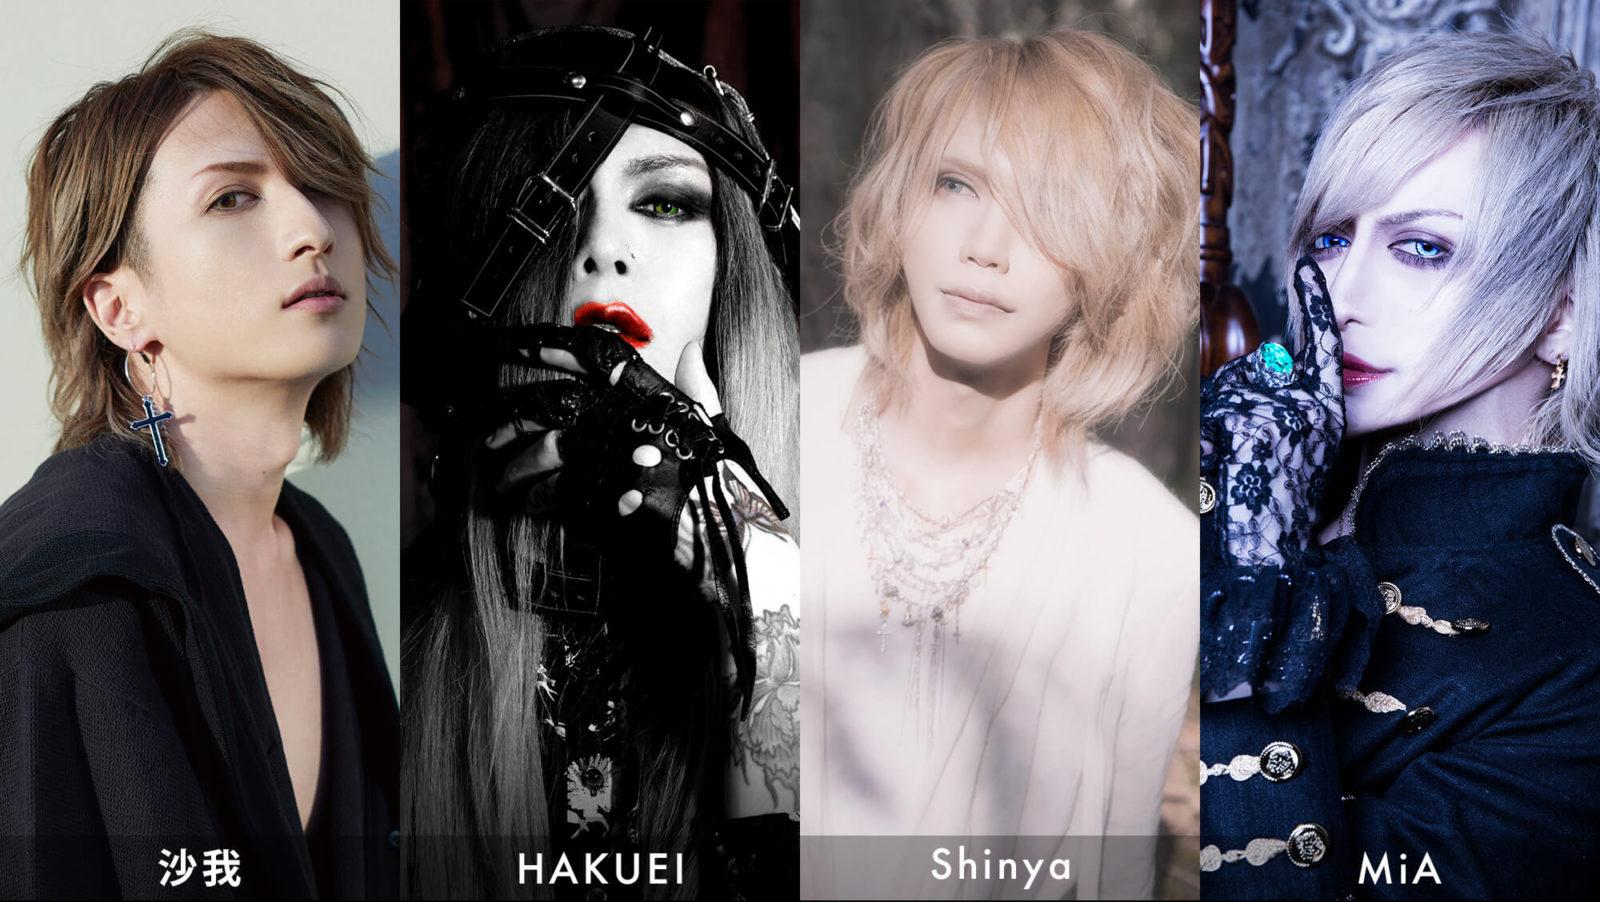 レジレコハロウィンイベントに出演する「Shinya BAND」豪華メンバー、遂に解禁サムネイル画像